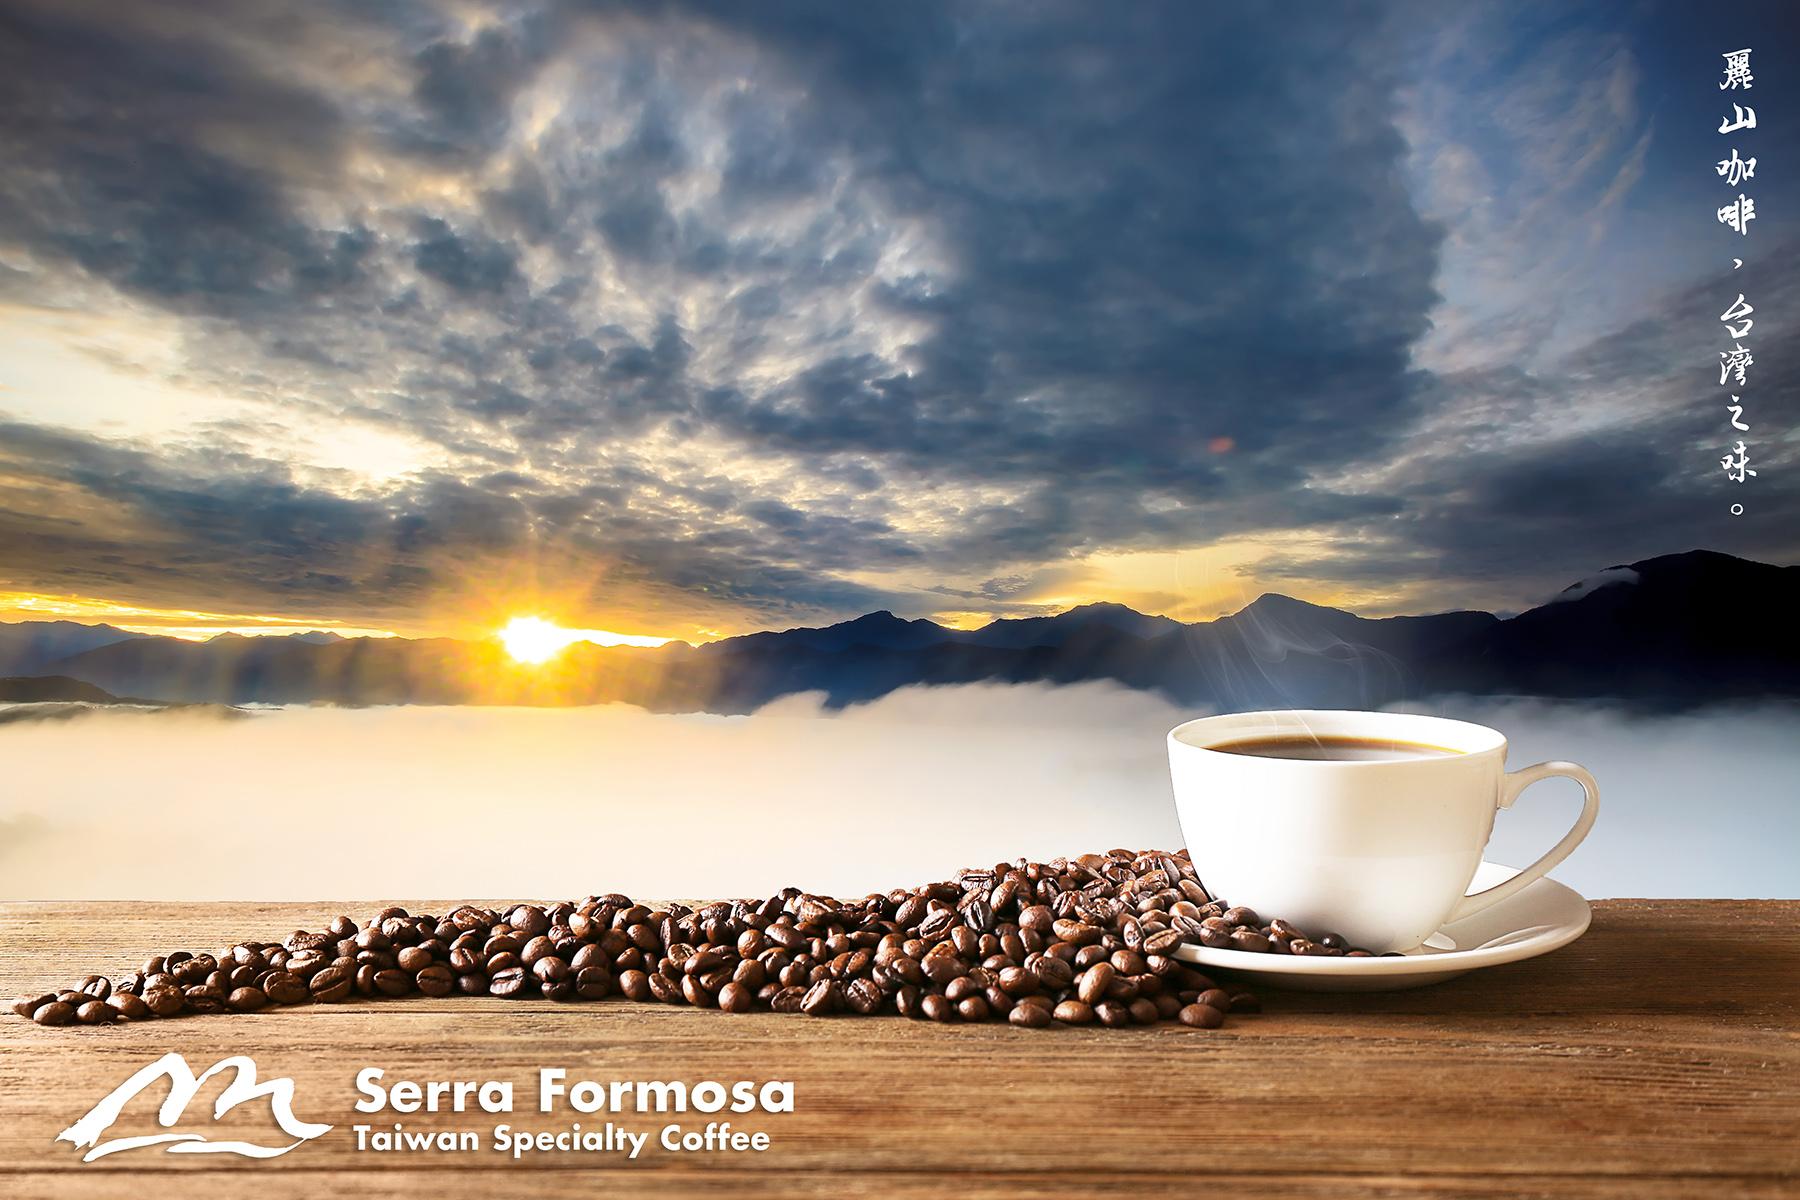 Serra Formosa – Taiwan Specialty Coffee